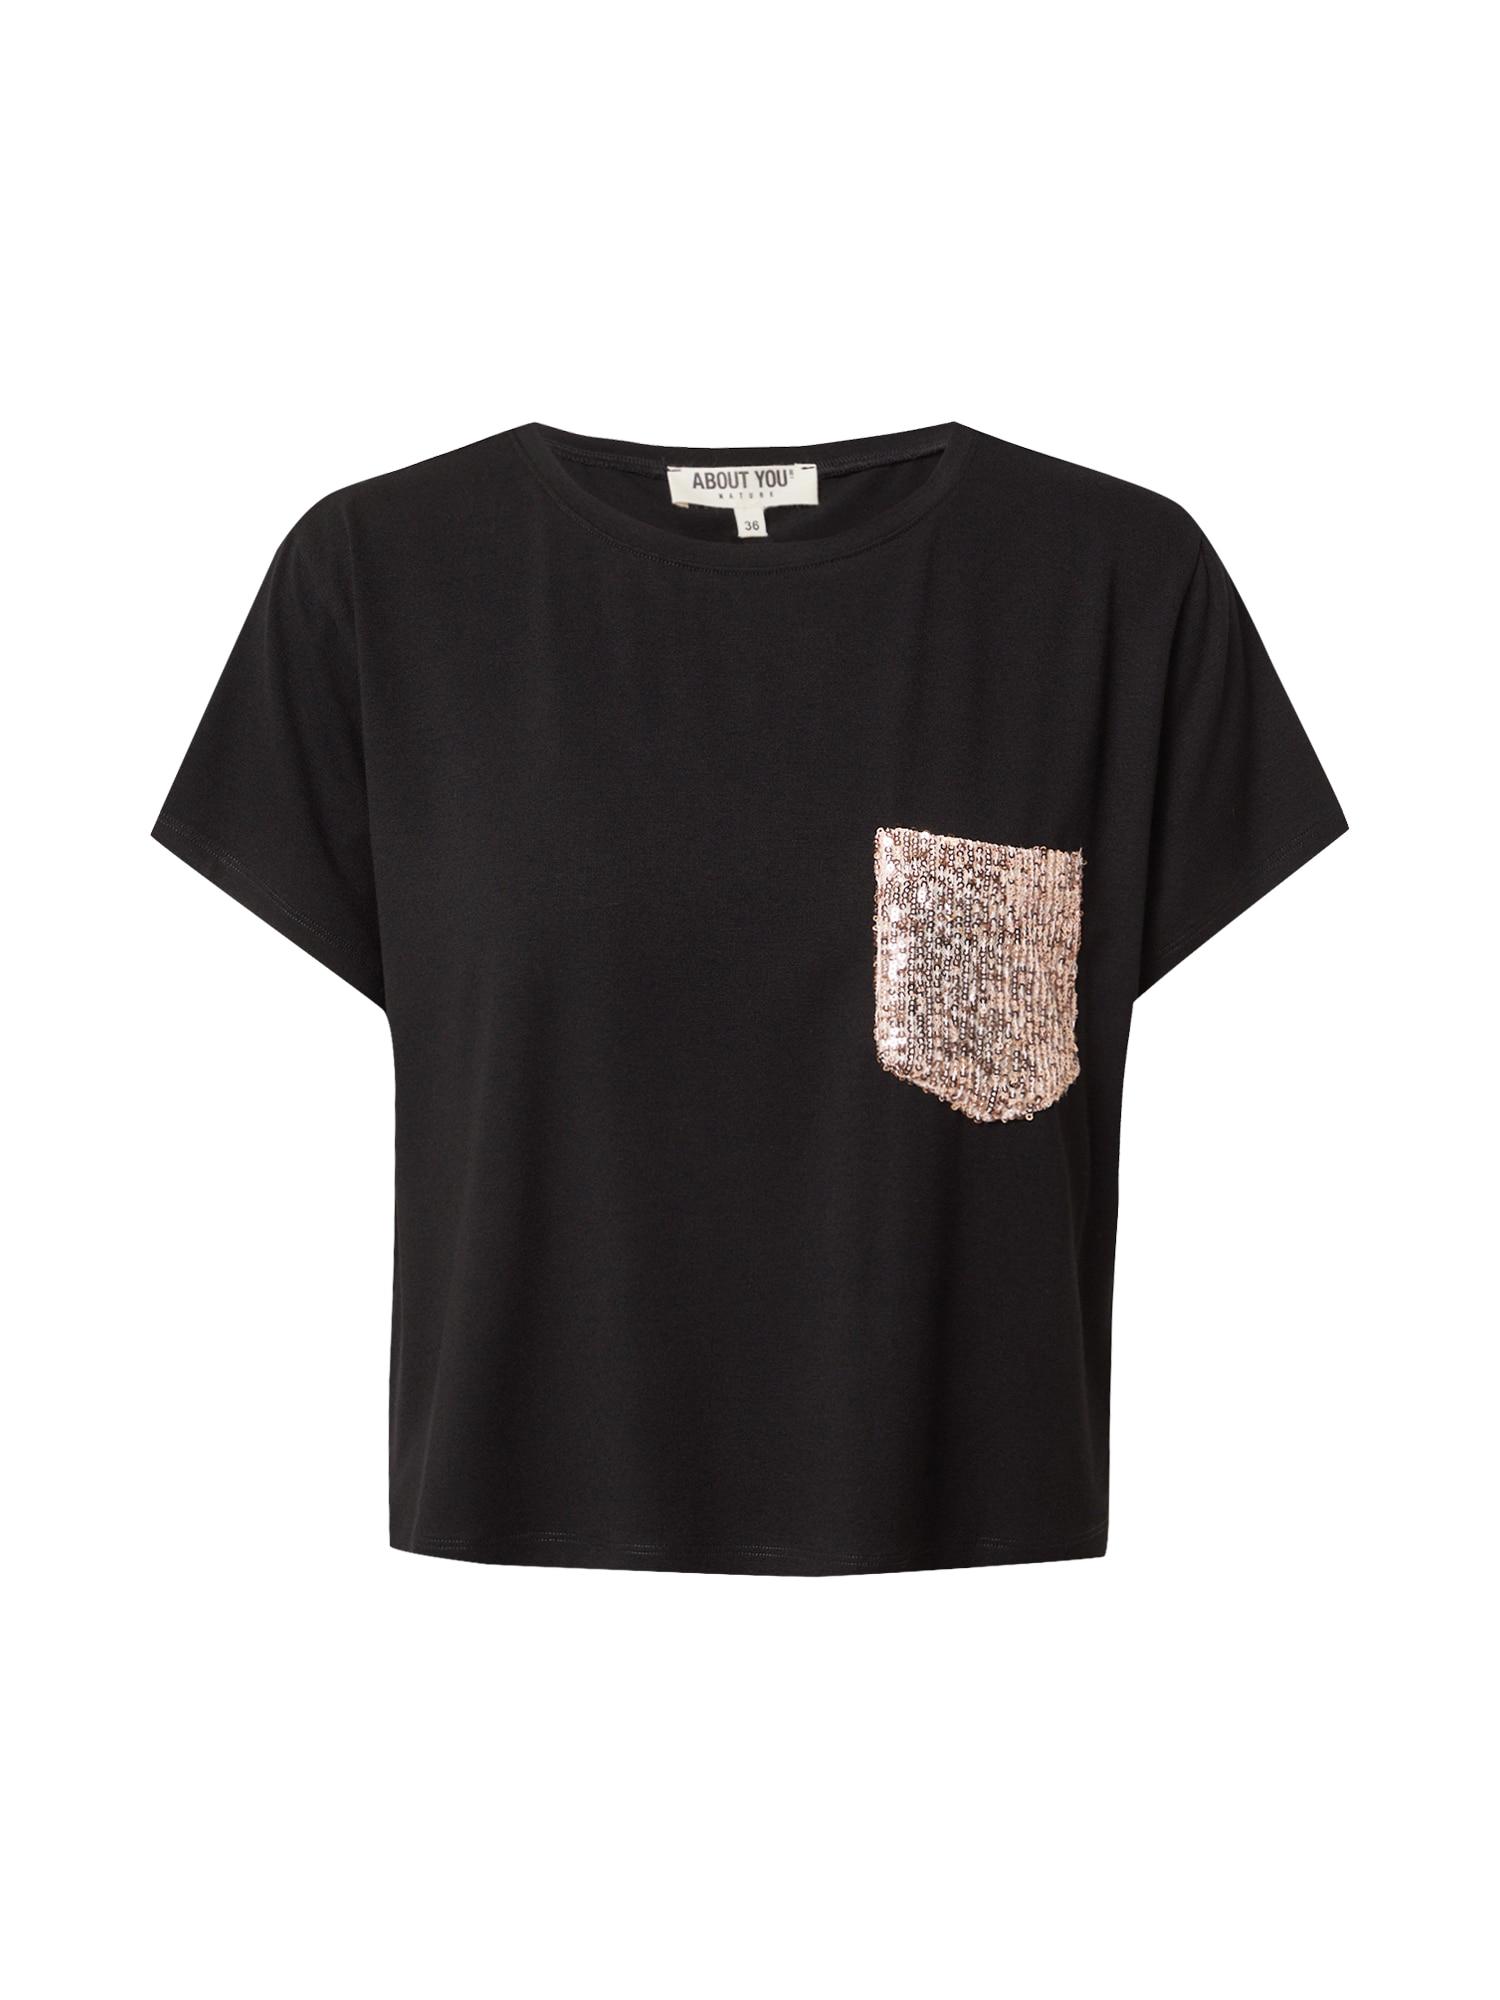 ABOUT YOU Marškinėliai 'Ines' juoda